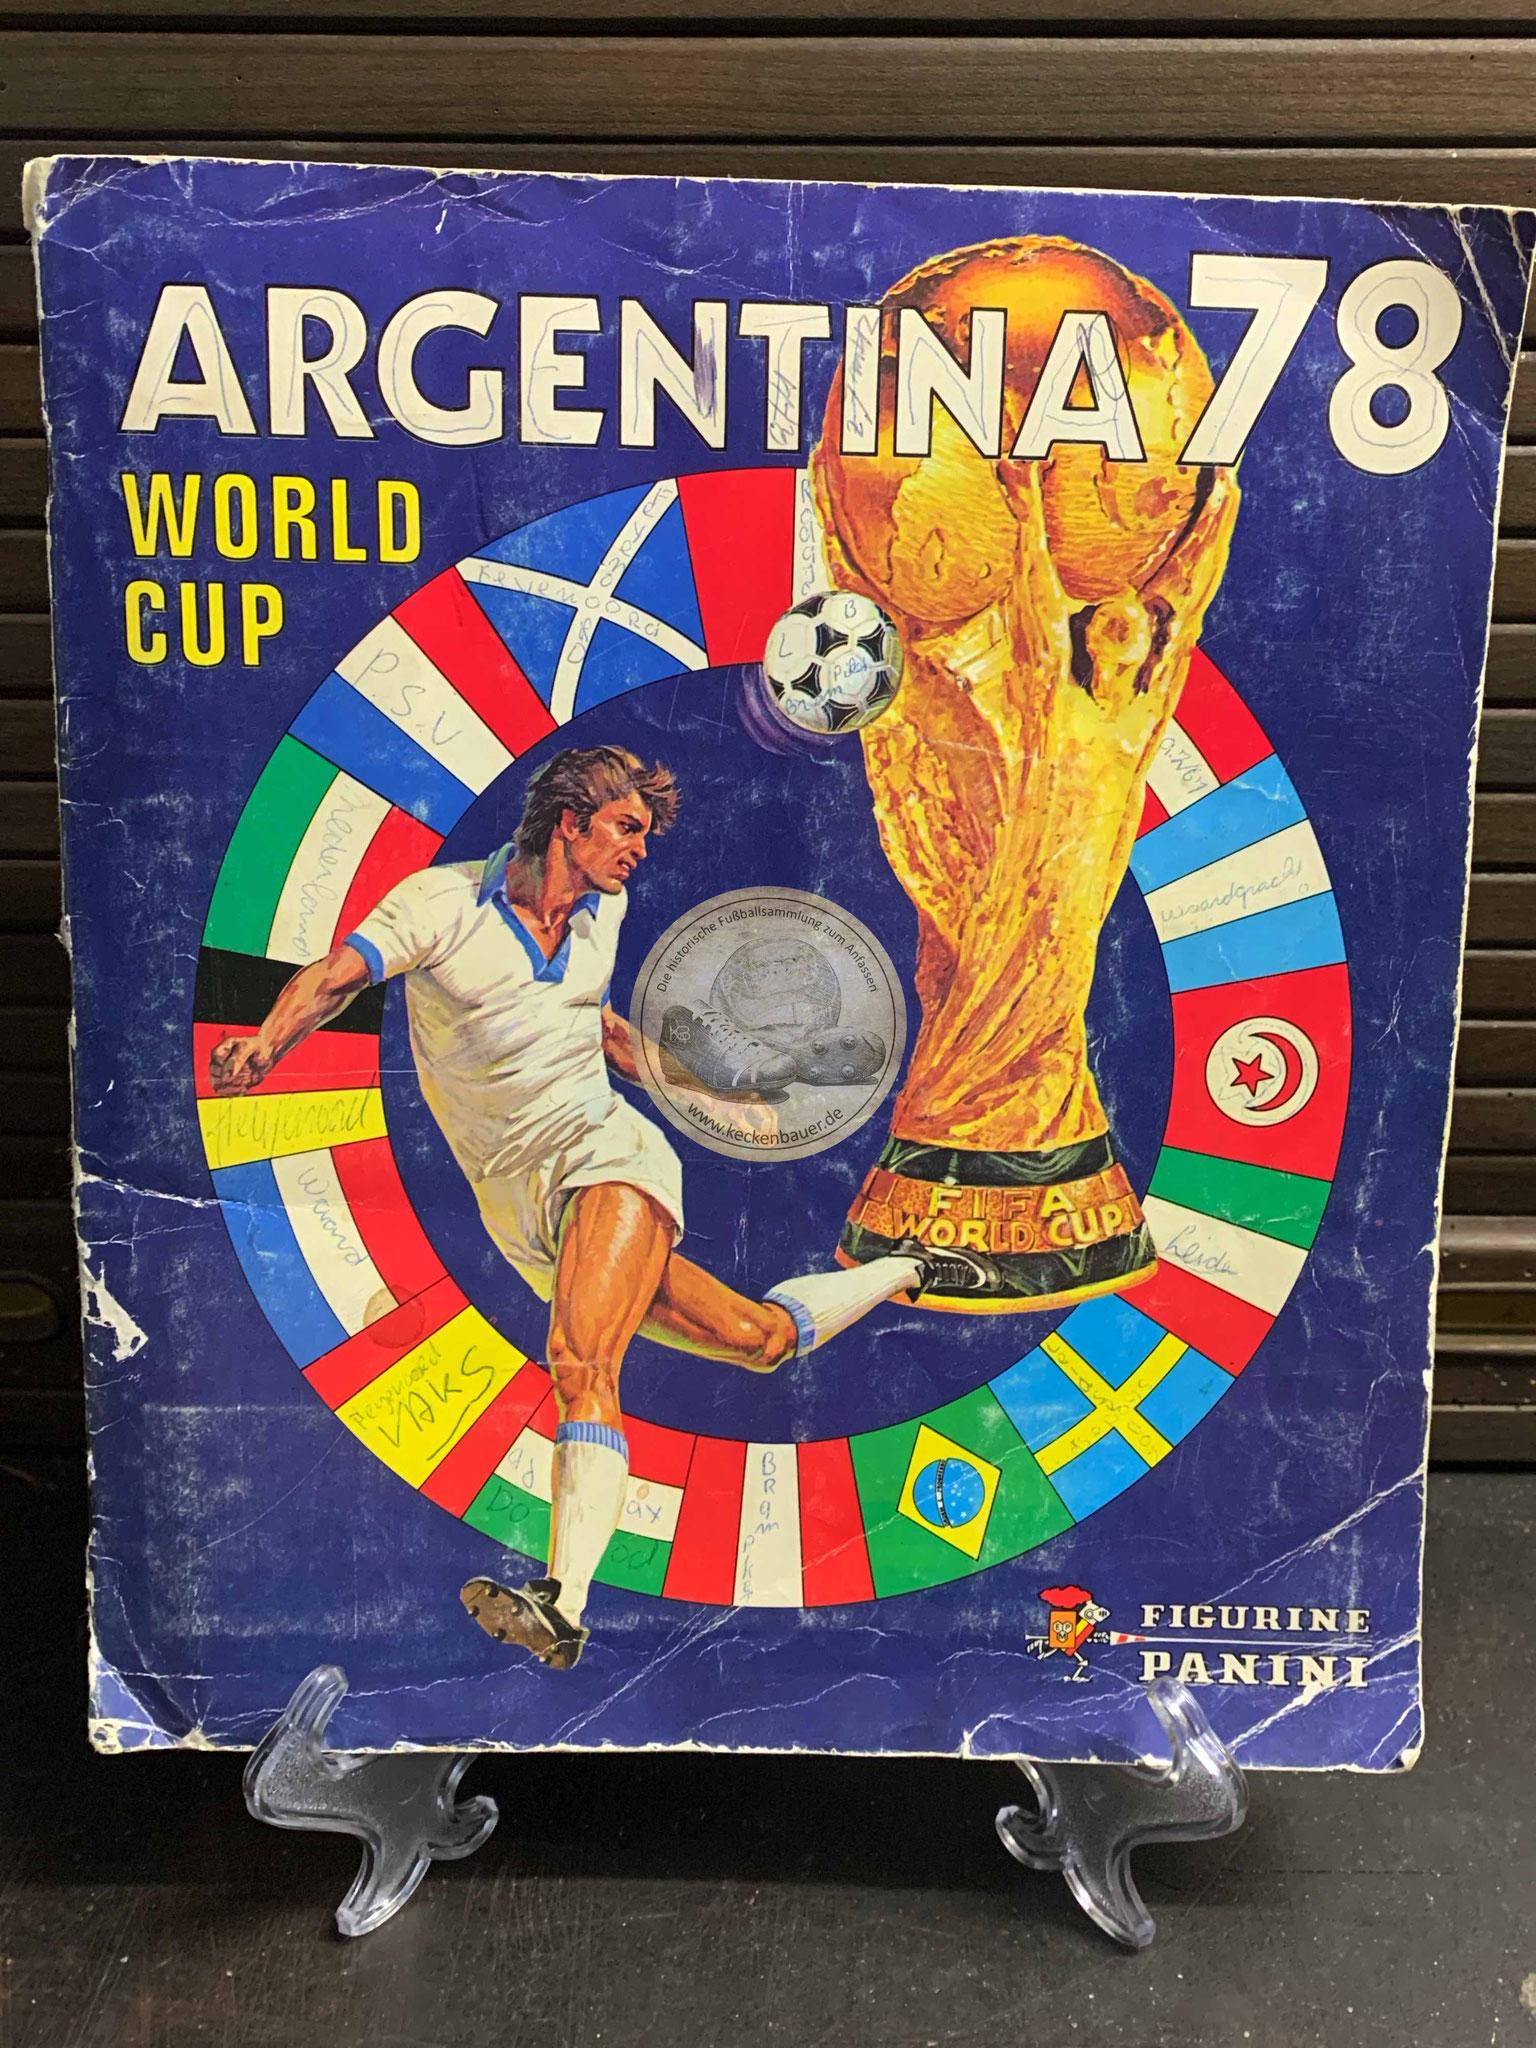 Panini Album von der WM 1978 in Argentinien